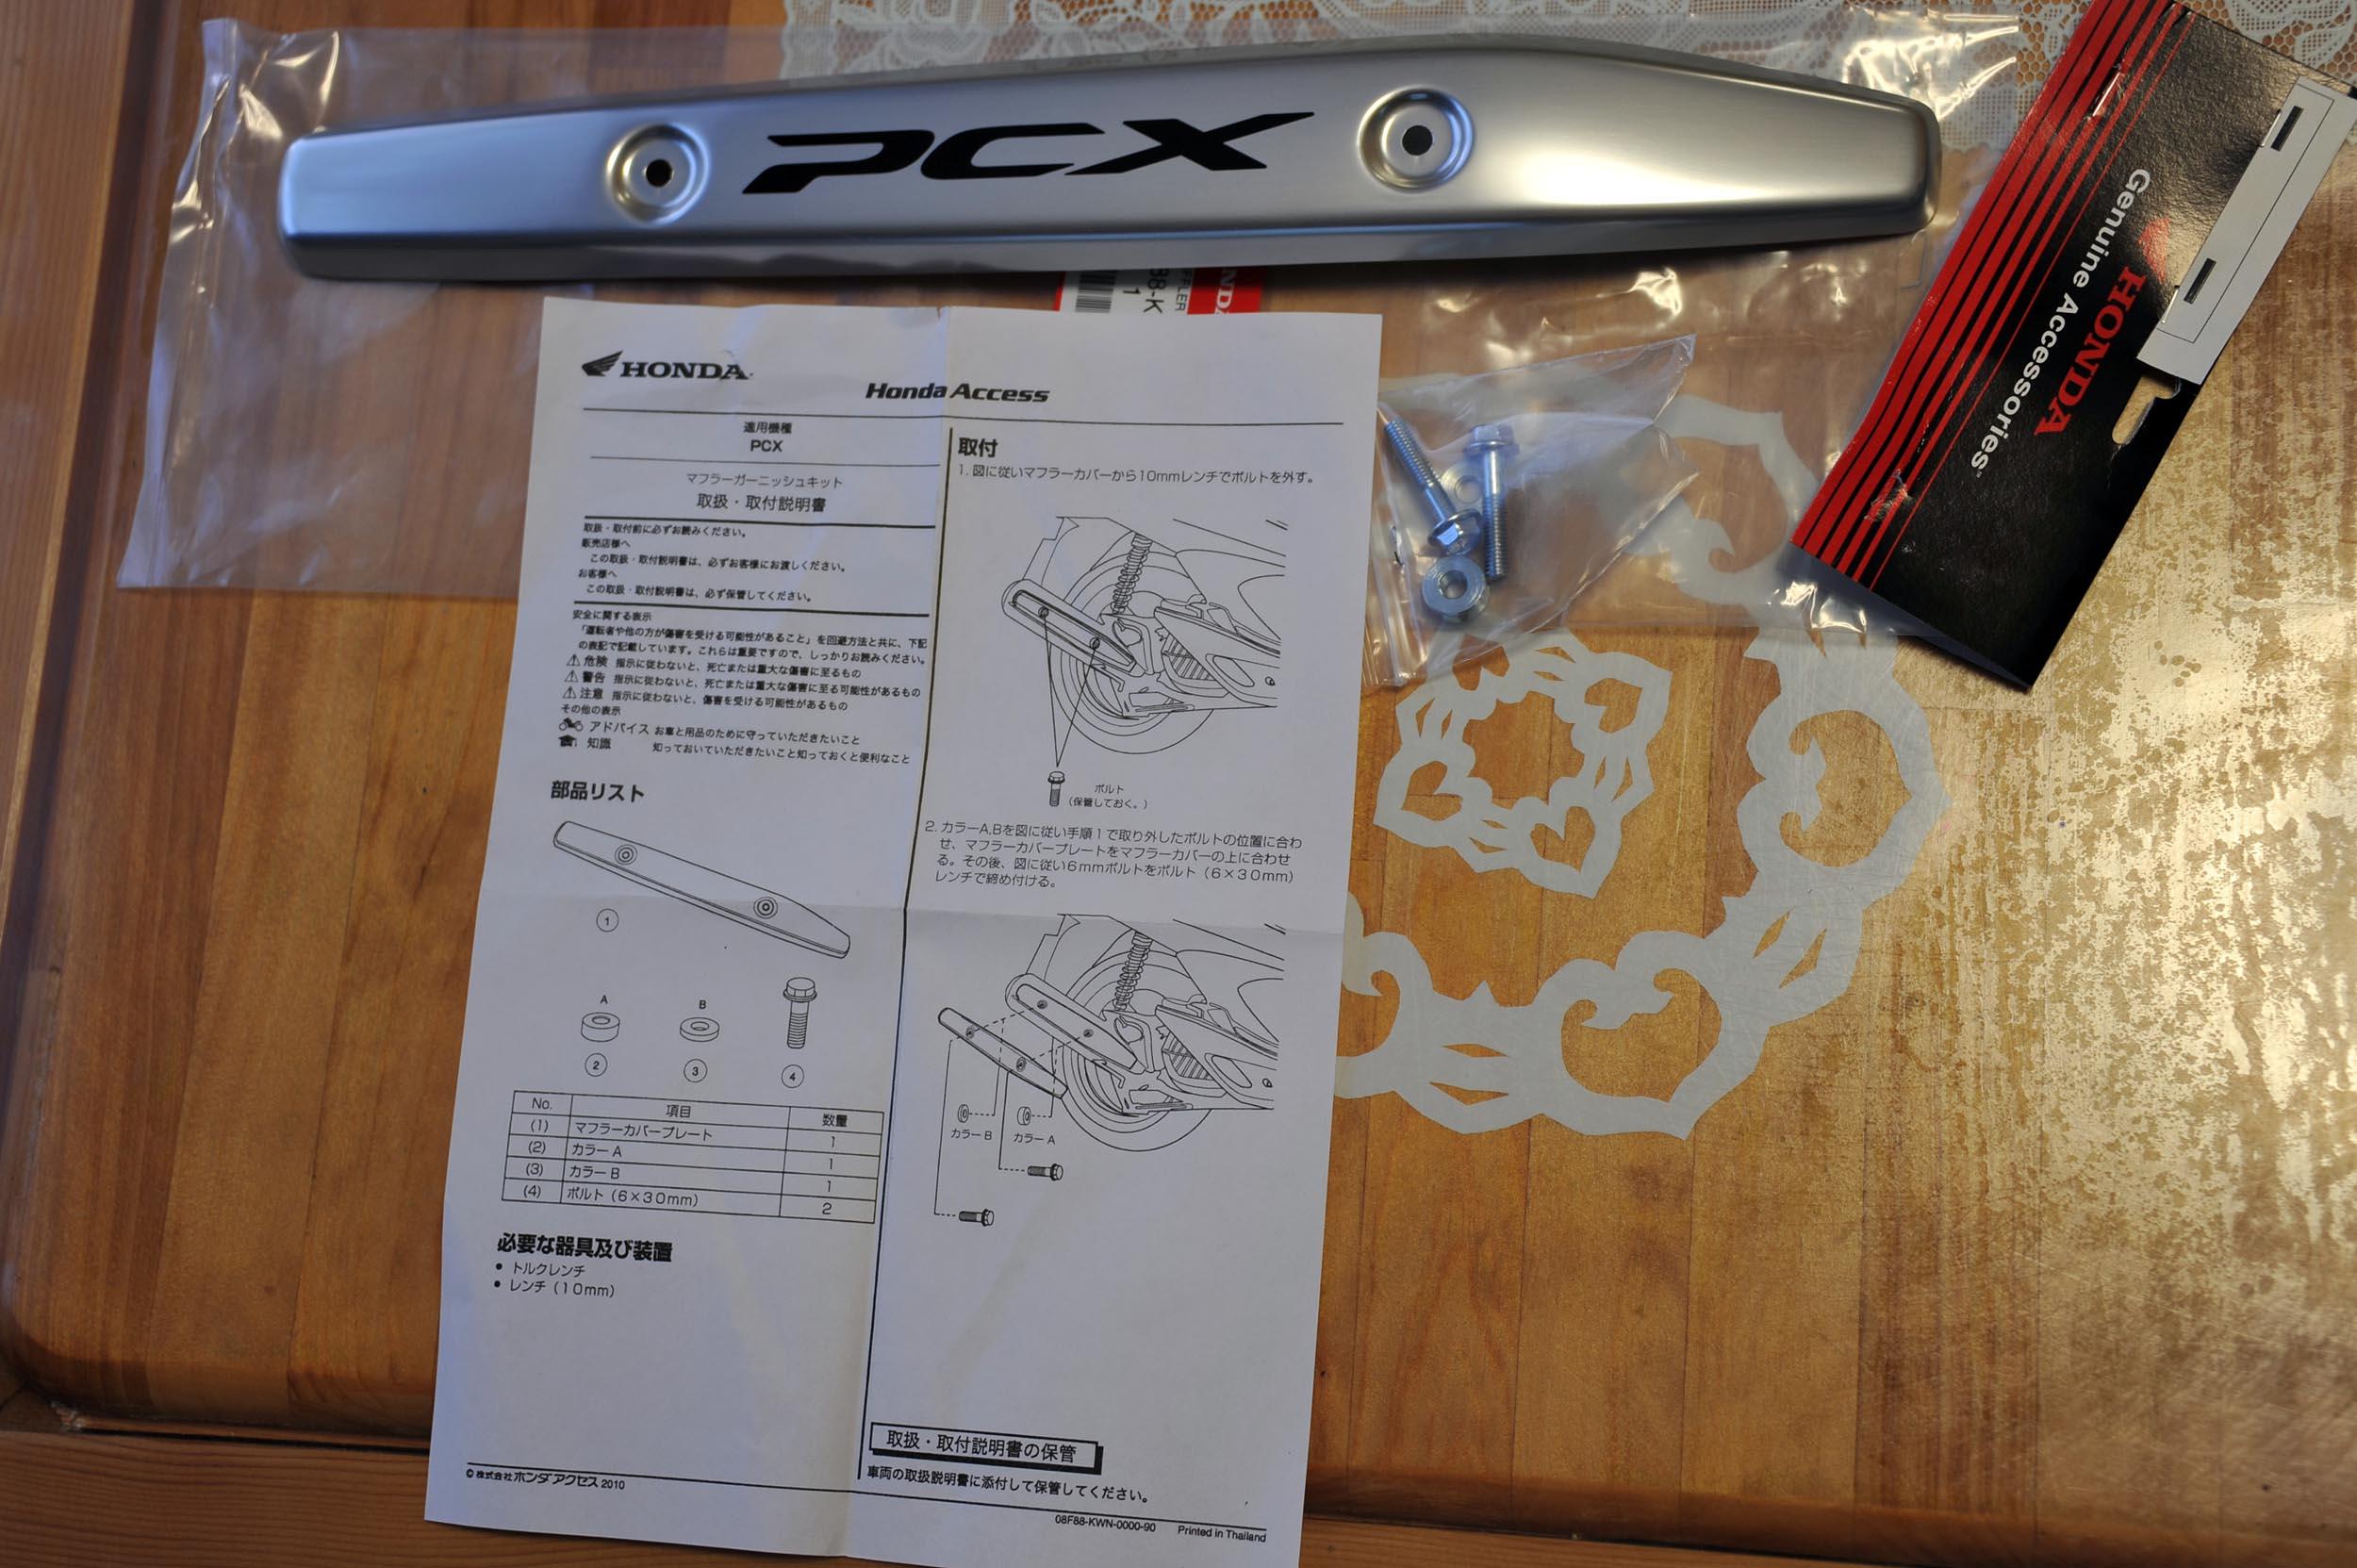 PCX マフラーガーニッシュ装着録_a0042310_1233269.jpg